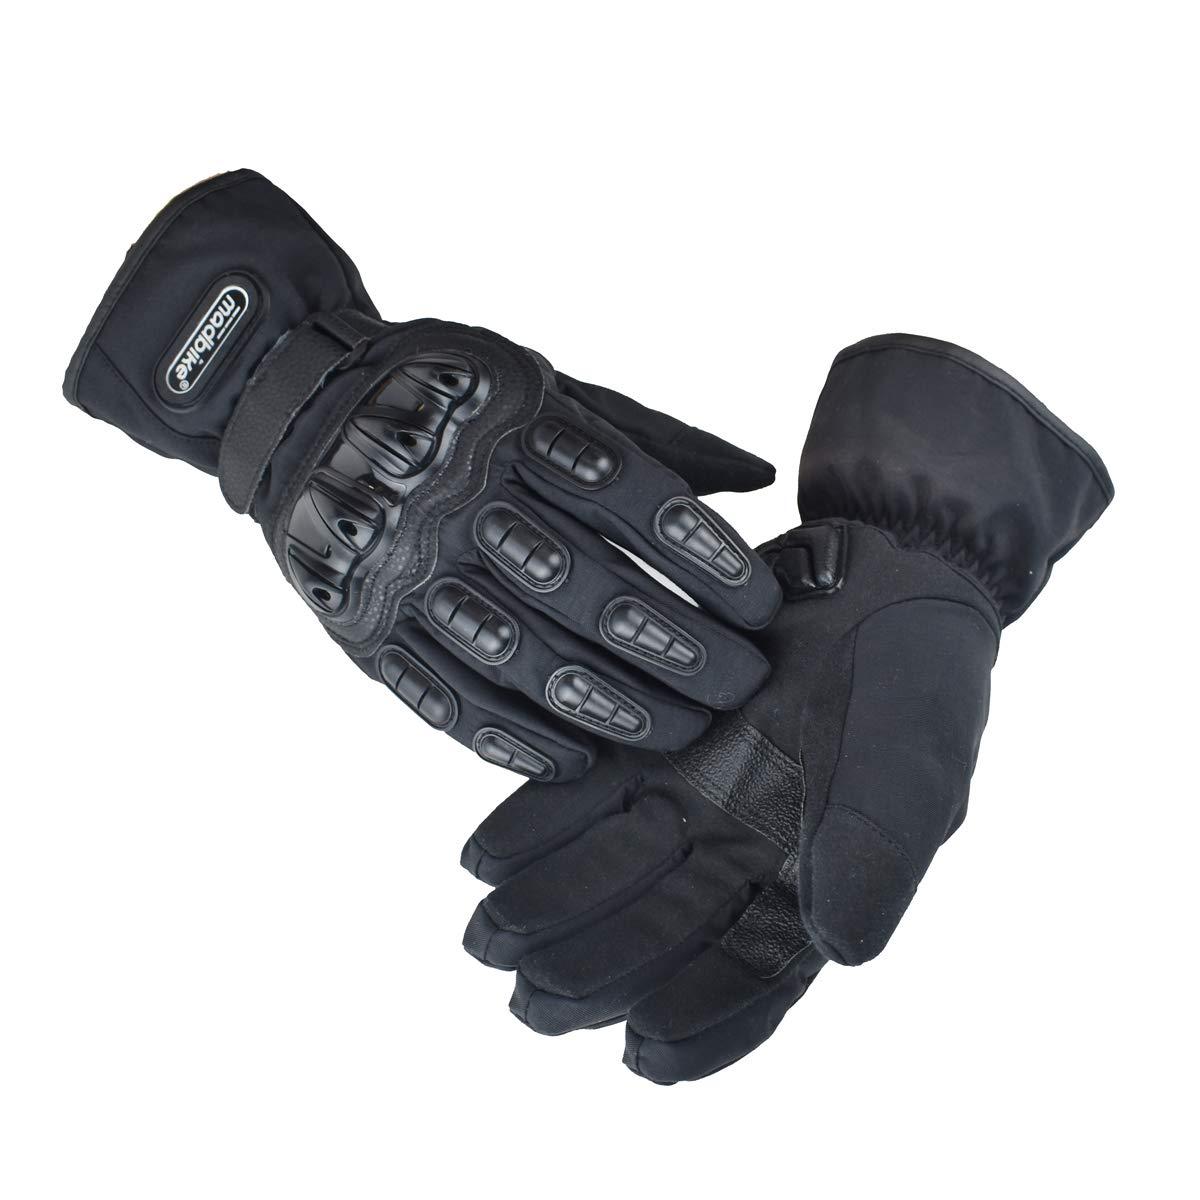 madbike motorcycle gloves waterproof moto gloves motorcycle winter black-M